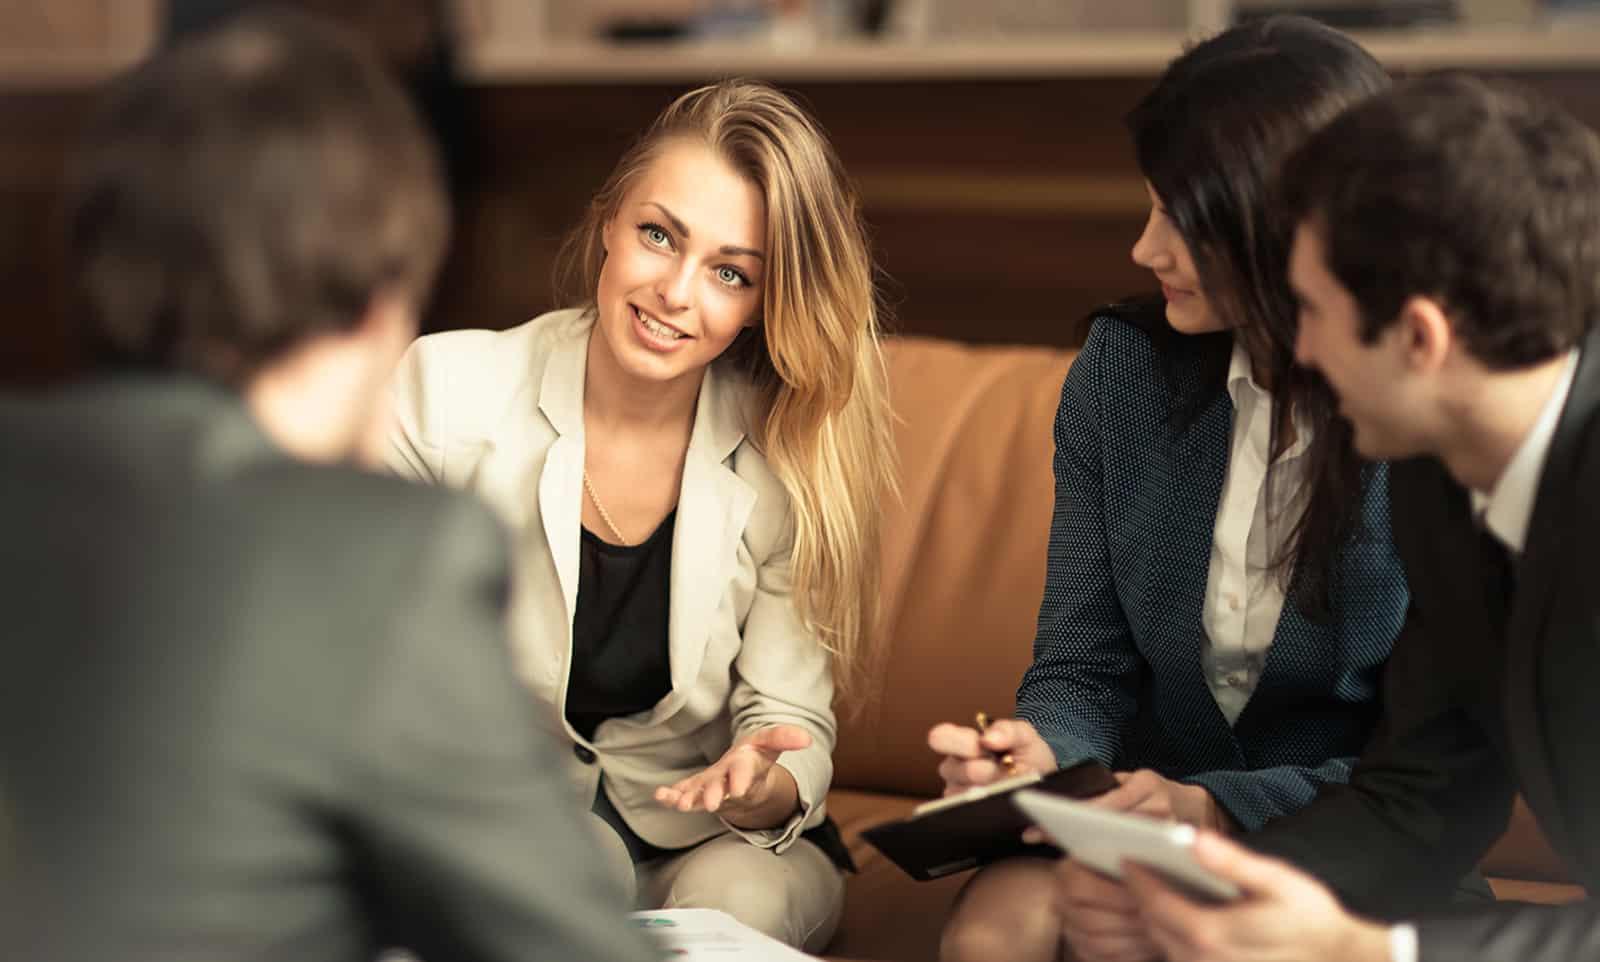 time-management-tips-viva-glam-magazine-main-image-2